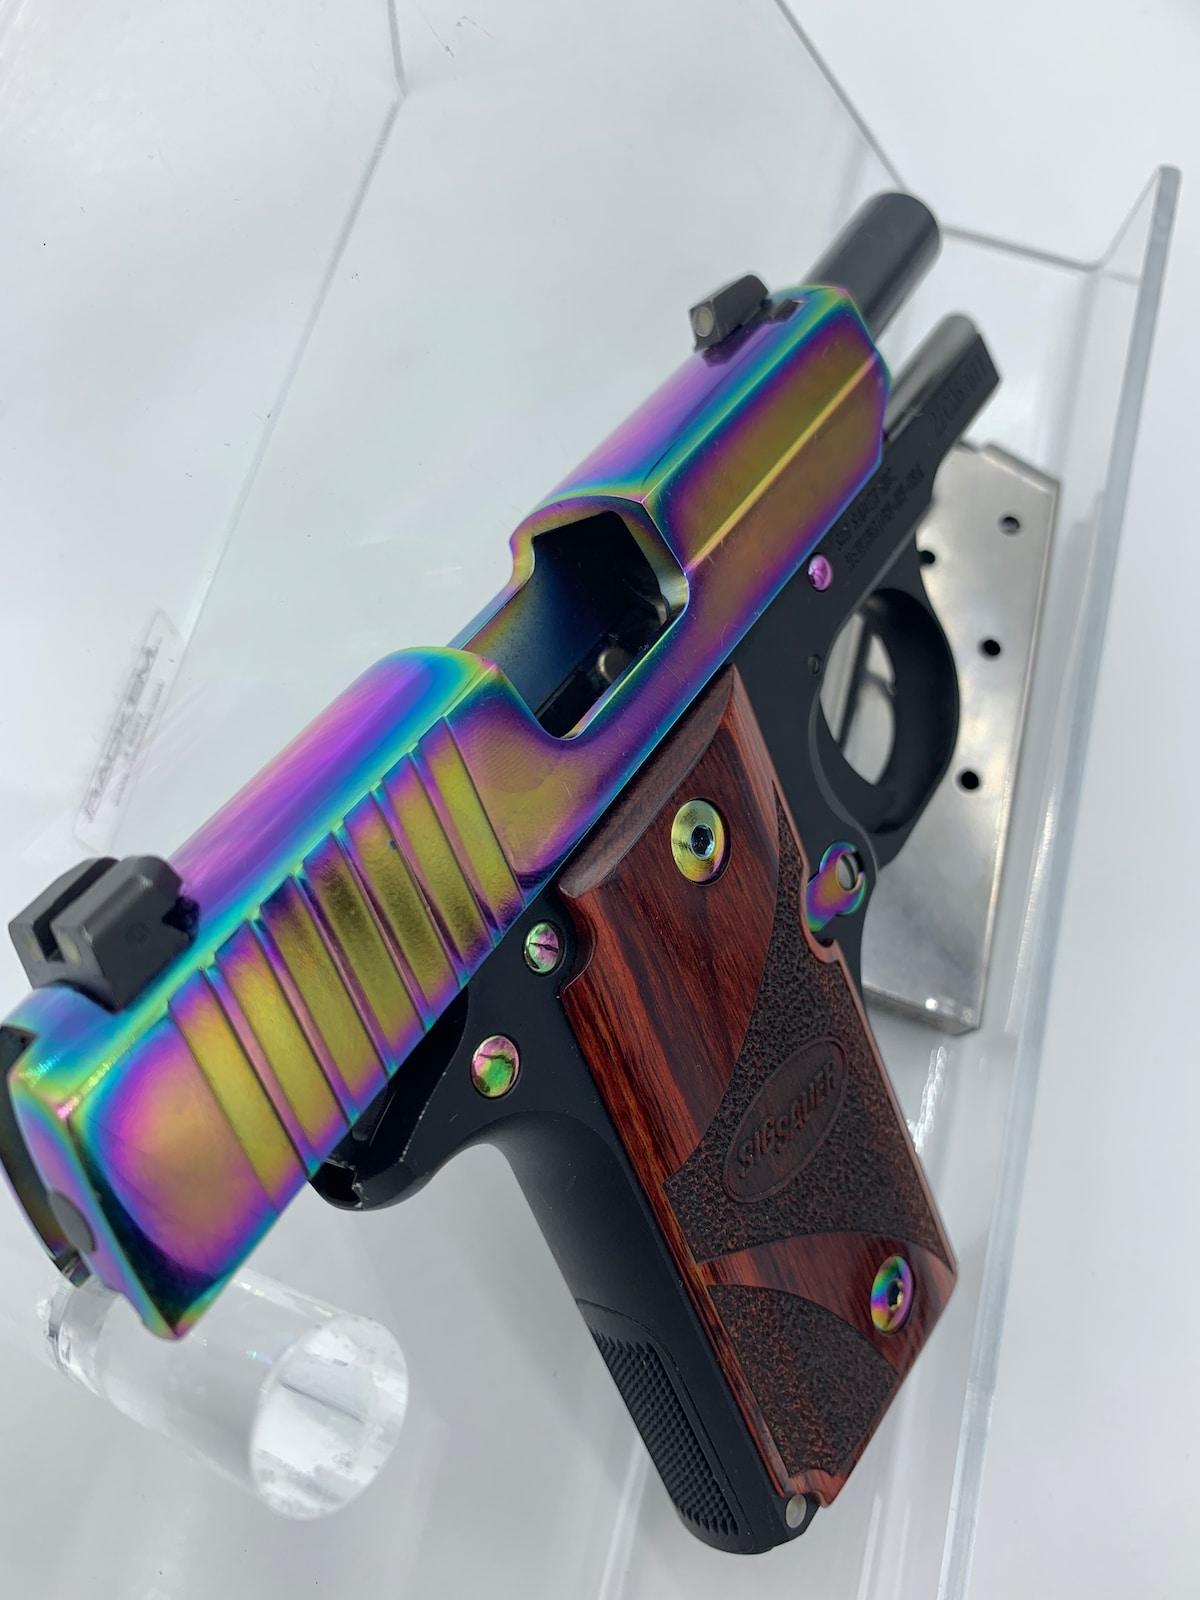 SIG SAUER P238 RAINBOW